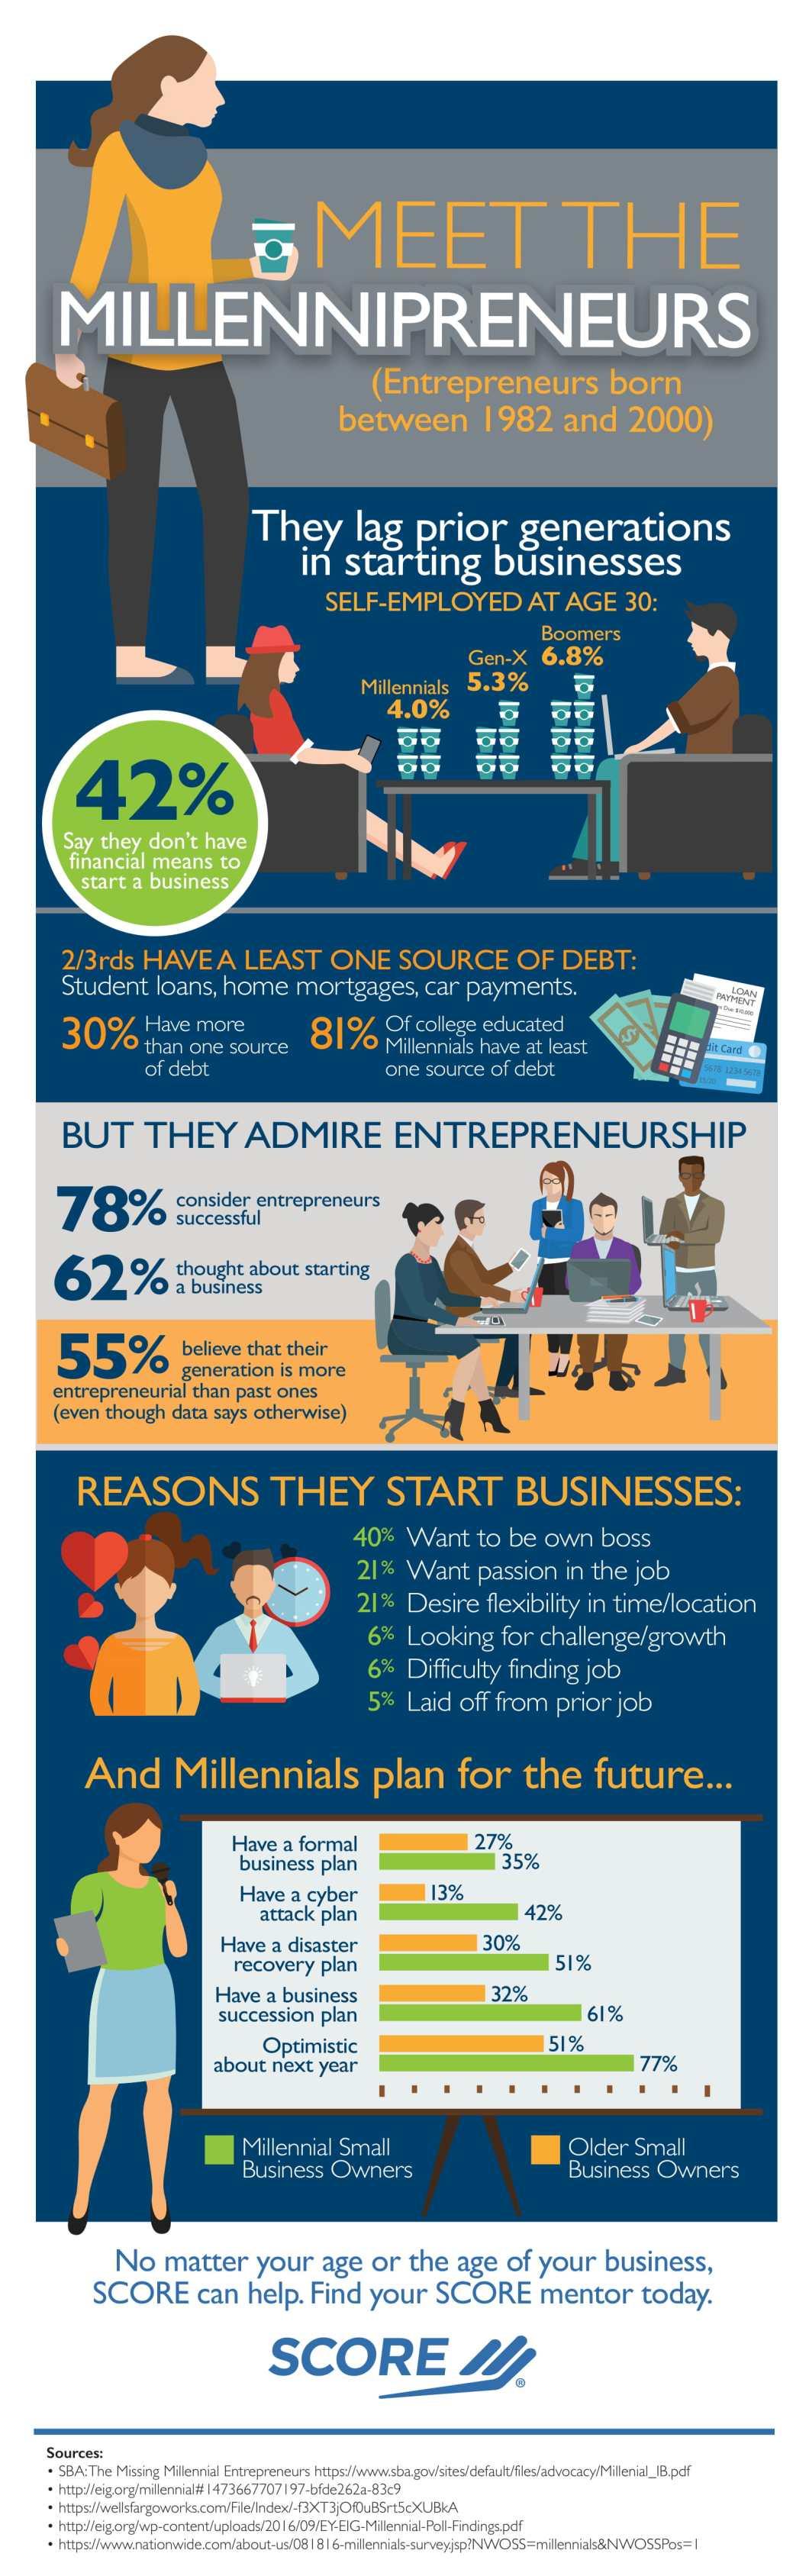 Inside the Millennipreneurs Mind - Infographic